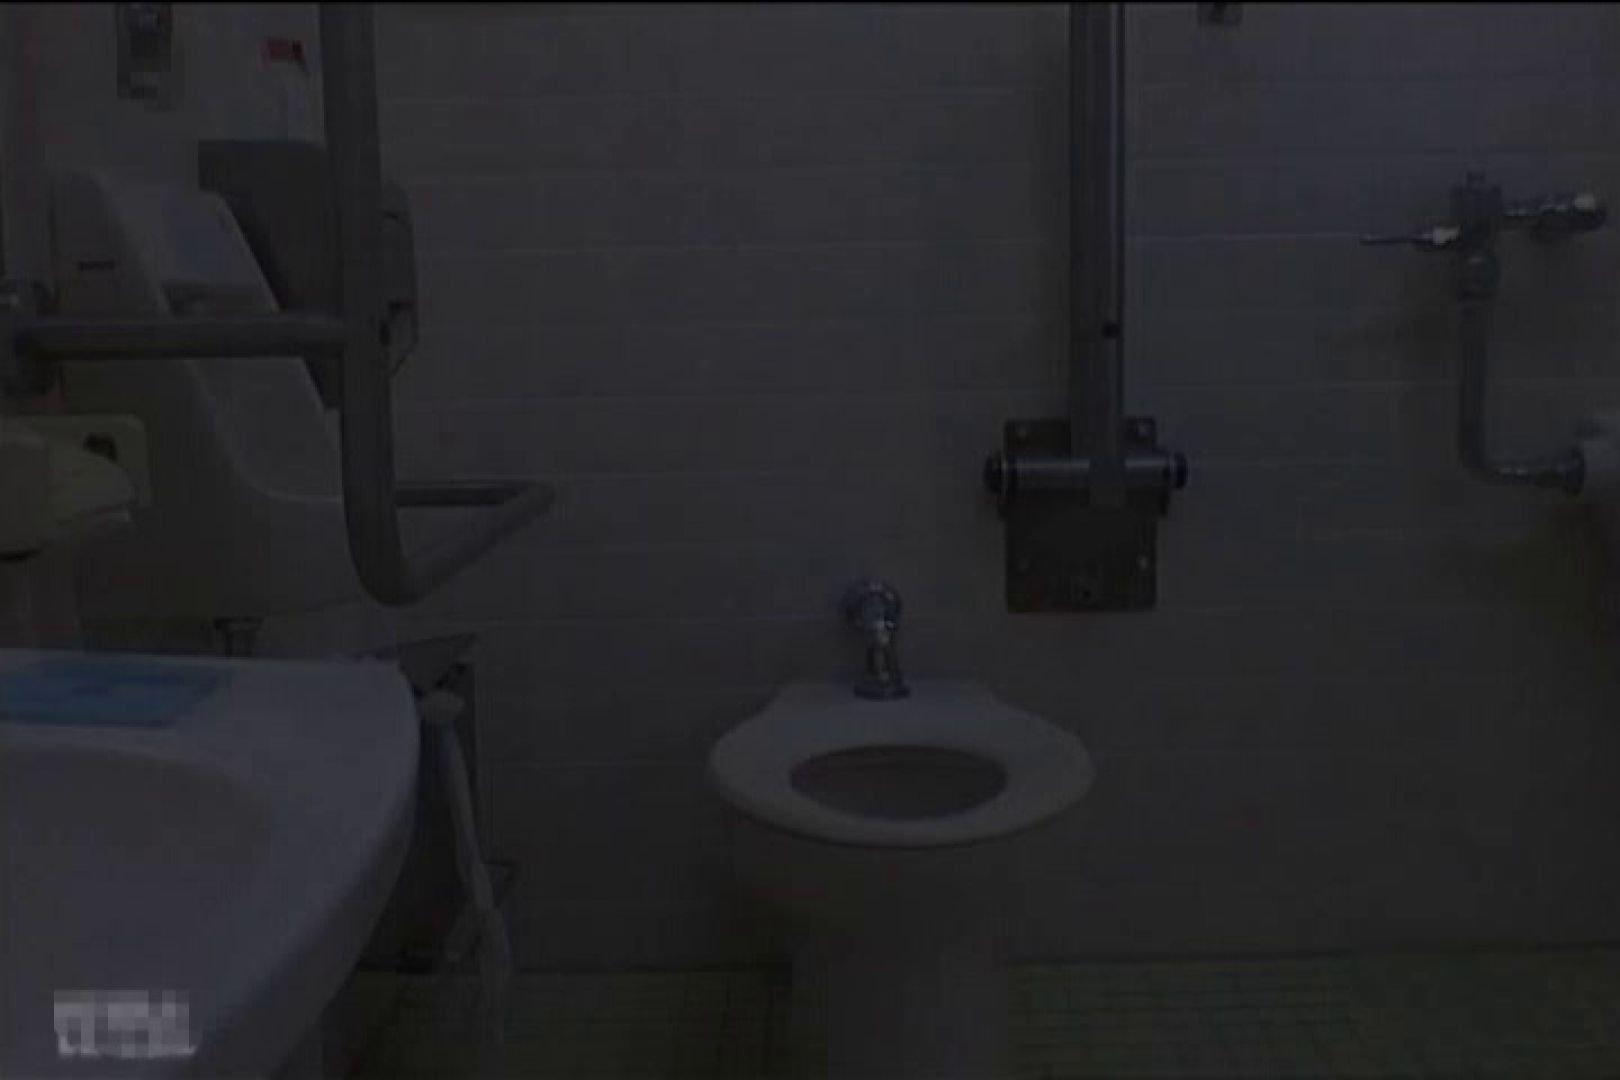 洋式洗面所オムニバスvol.2 OLセックス  84画像 12